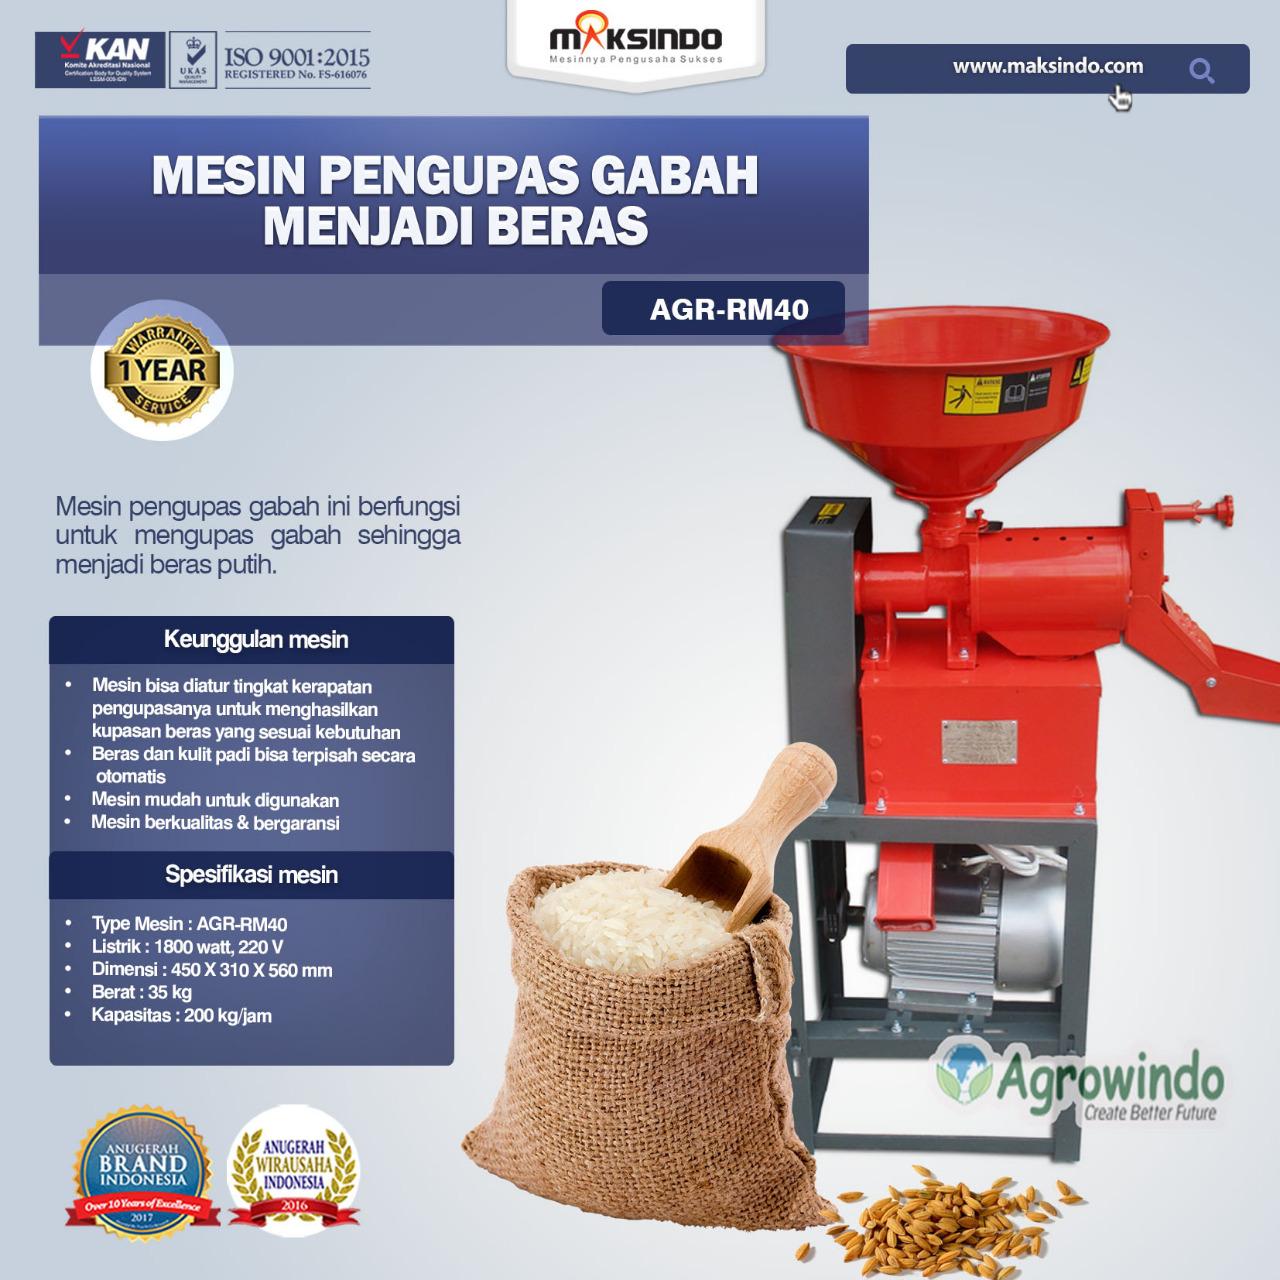 Jual Mesin Rice Huller Mini Pengupas Gabah – Beras AGR-RM40 di Blitar